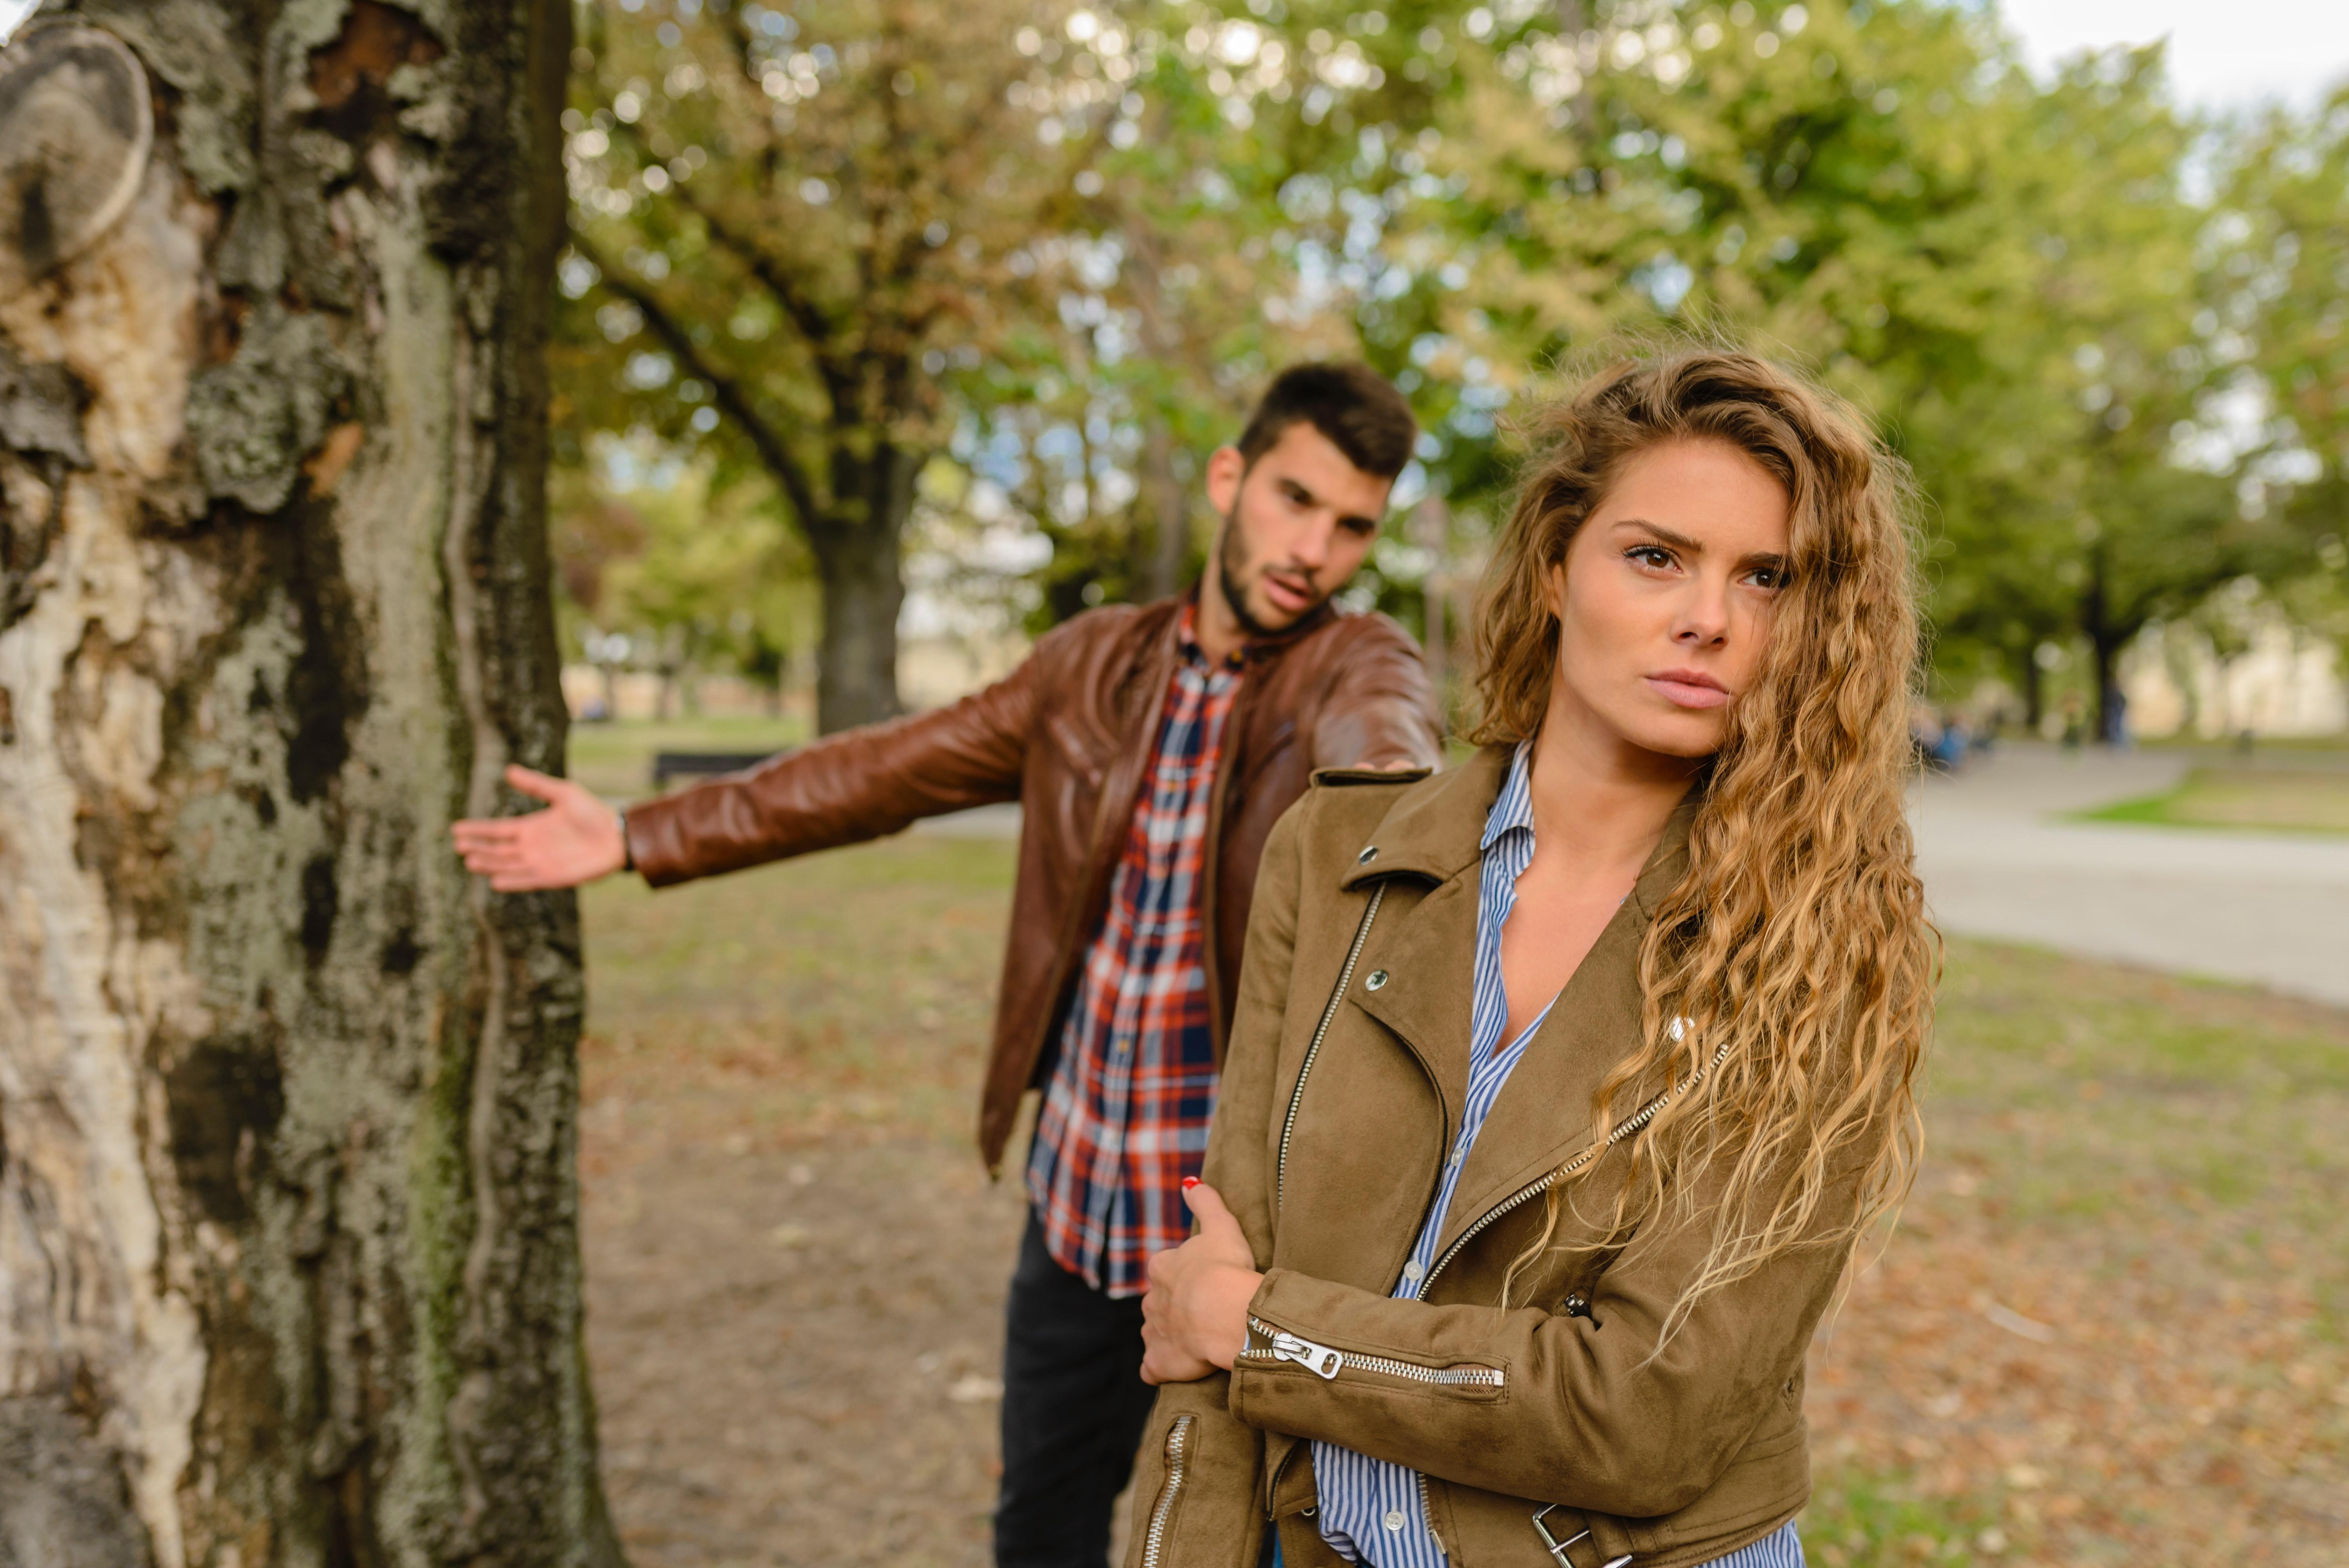 Glückliche Beziehung – die größten Fehler von Männern in der Partnerschaft!